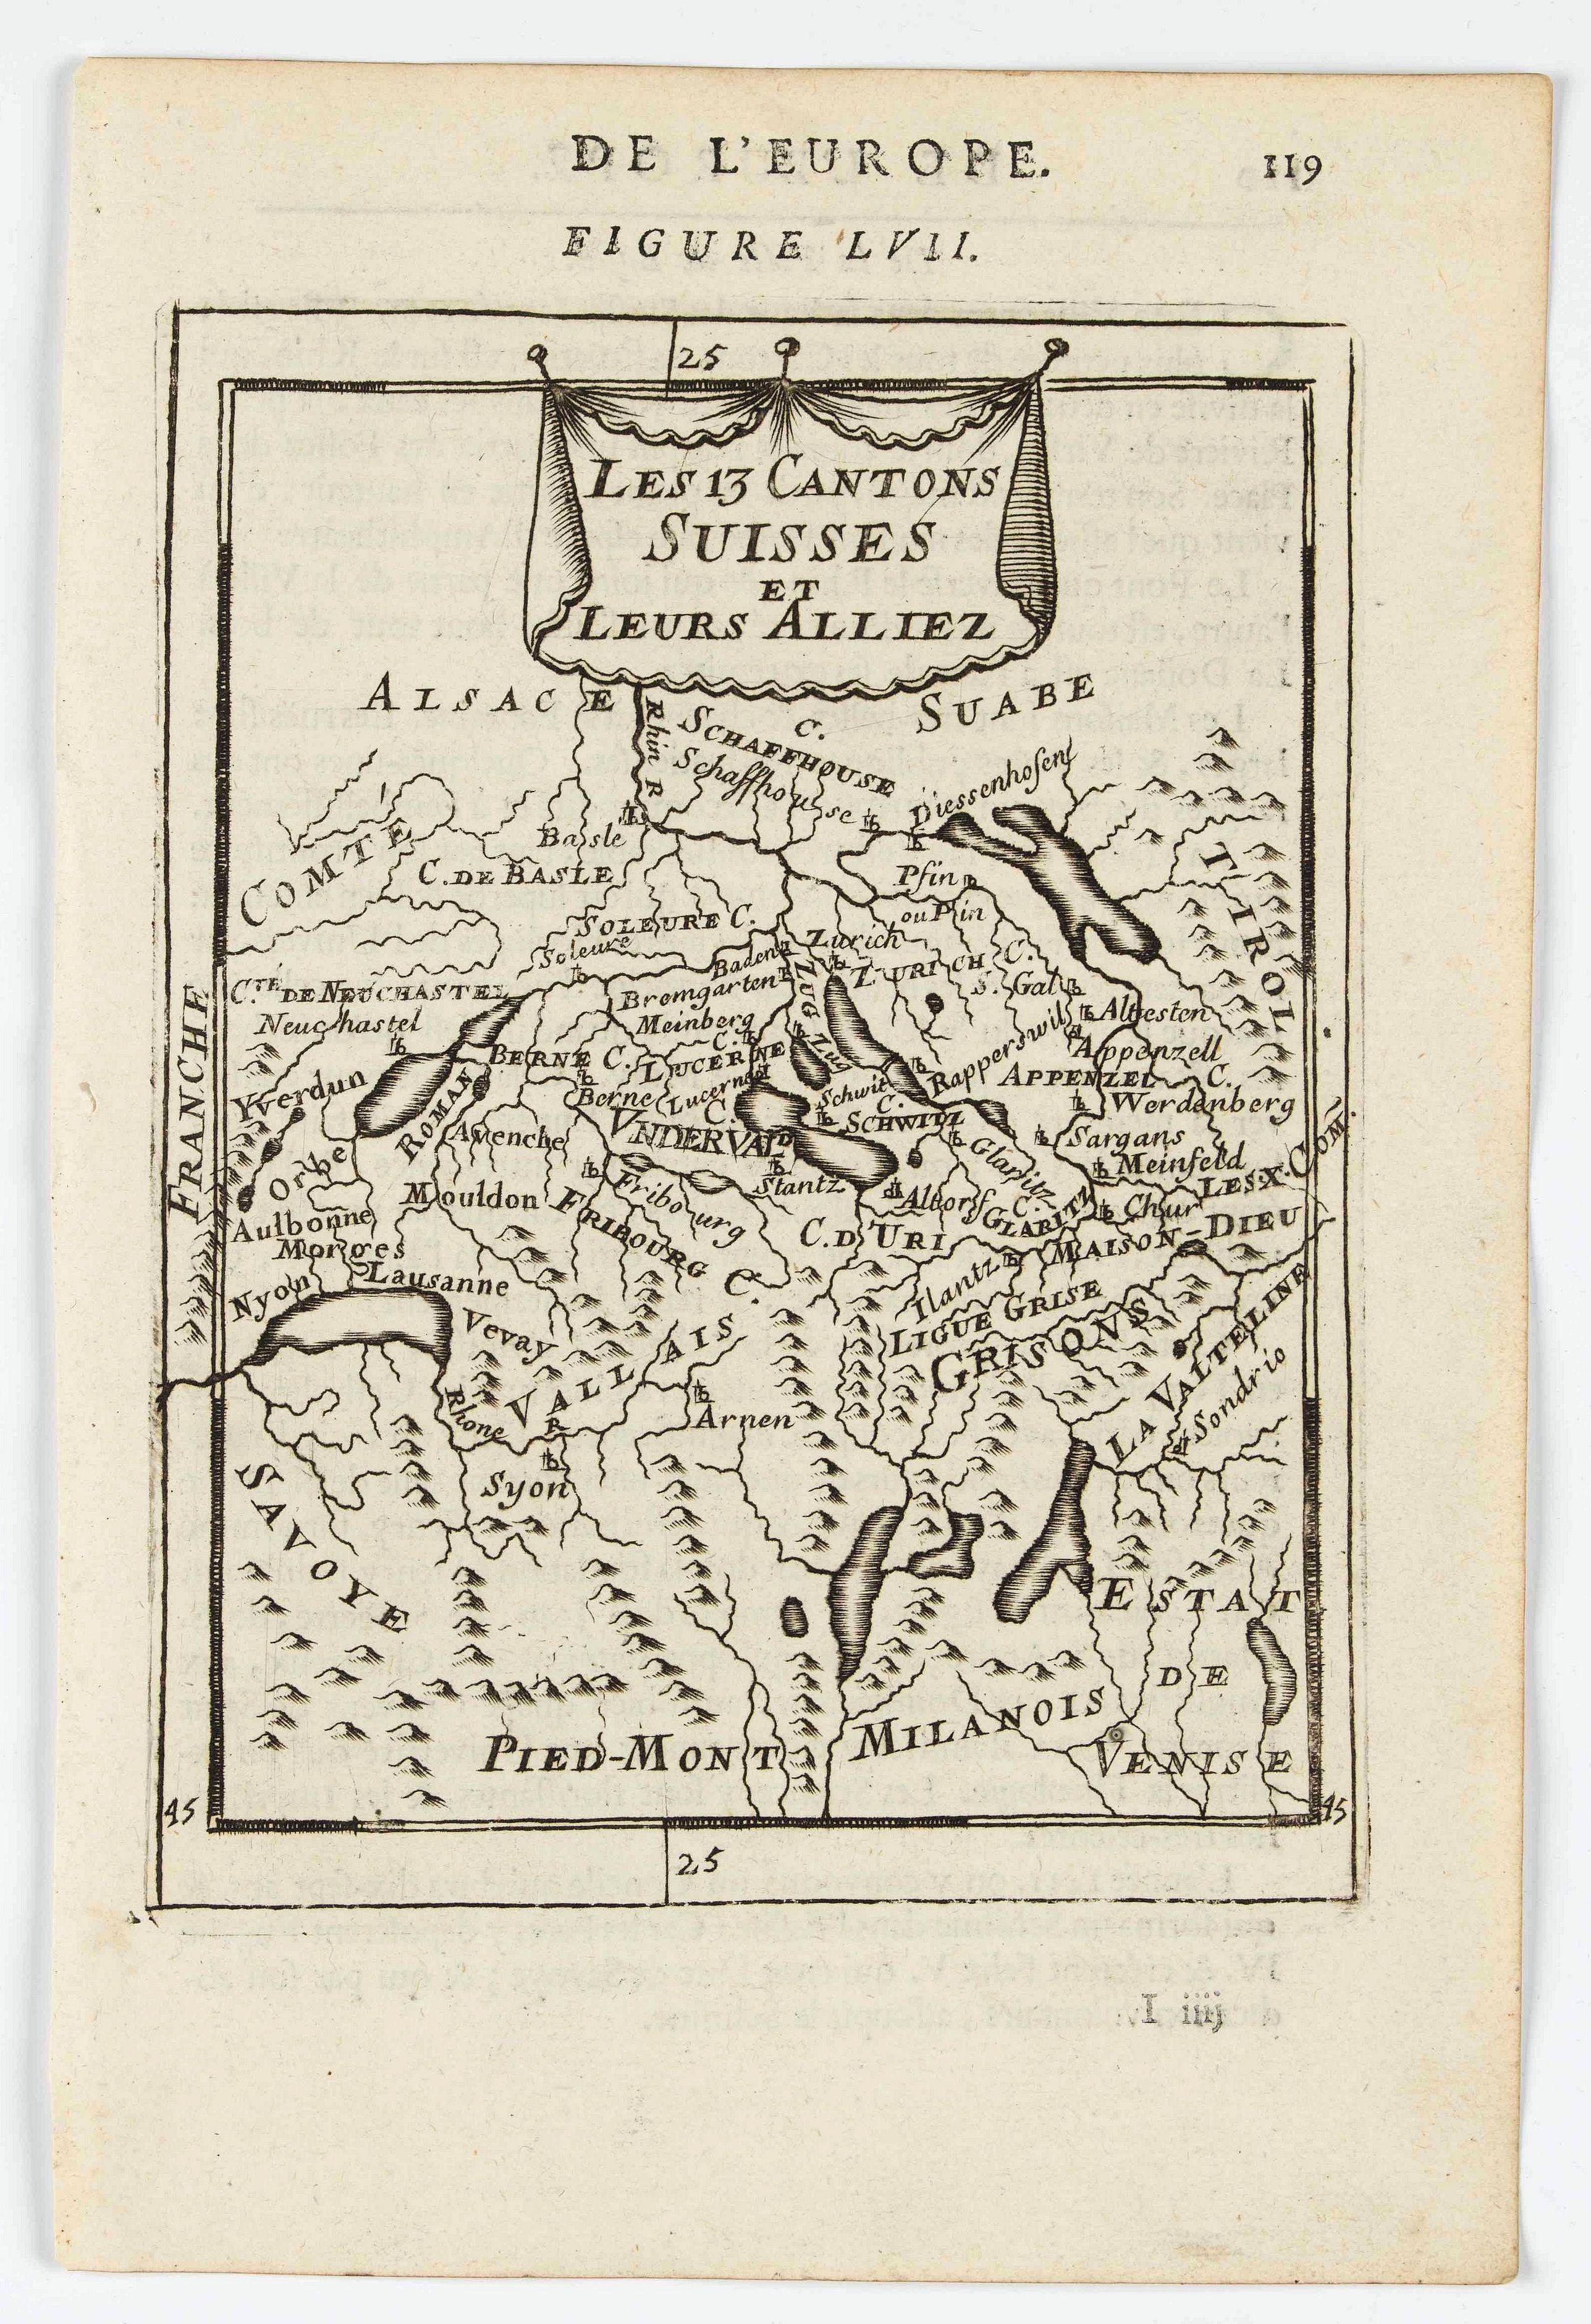 MANESSON MALLET, A. -  Les 13 cantons Suisses et leurs alliez.